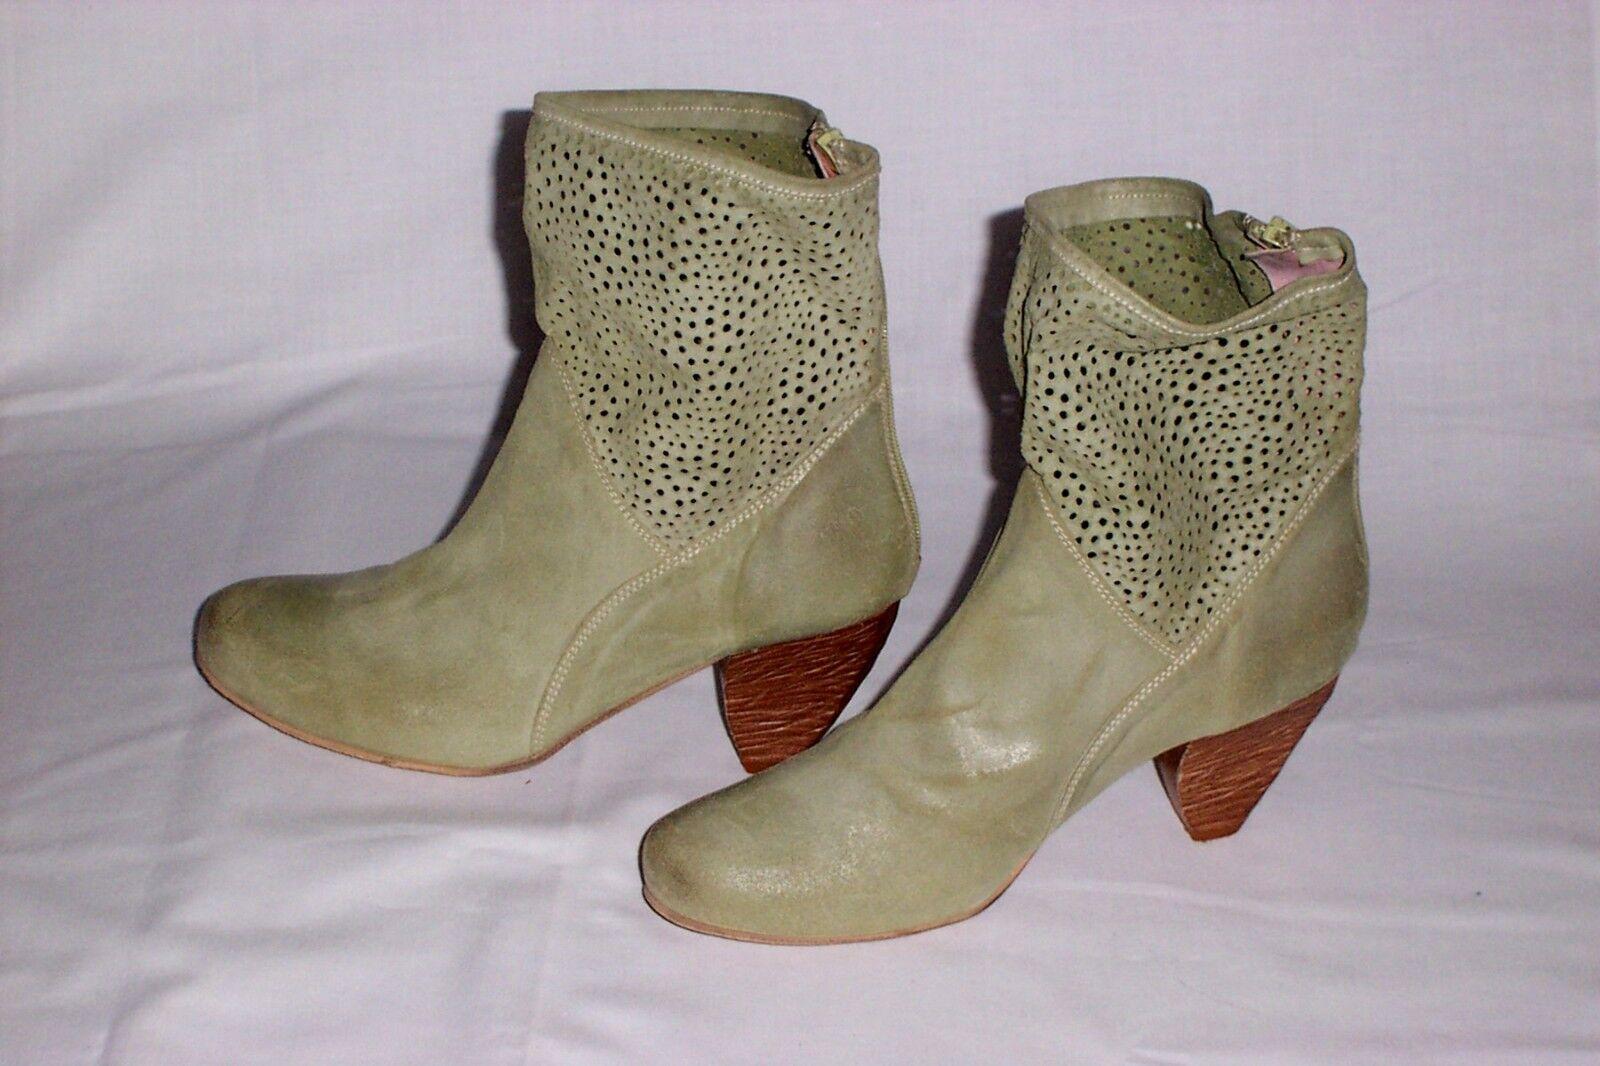 Vntg Lavorazione Artigiana Boots Size 39 Green Leather Pierced Suede Ankle RARE